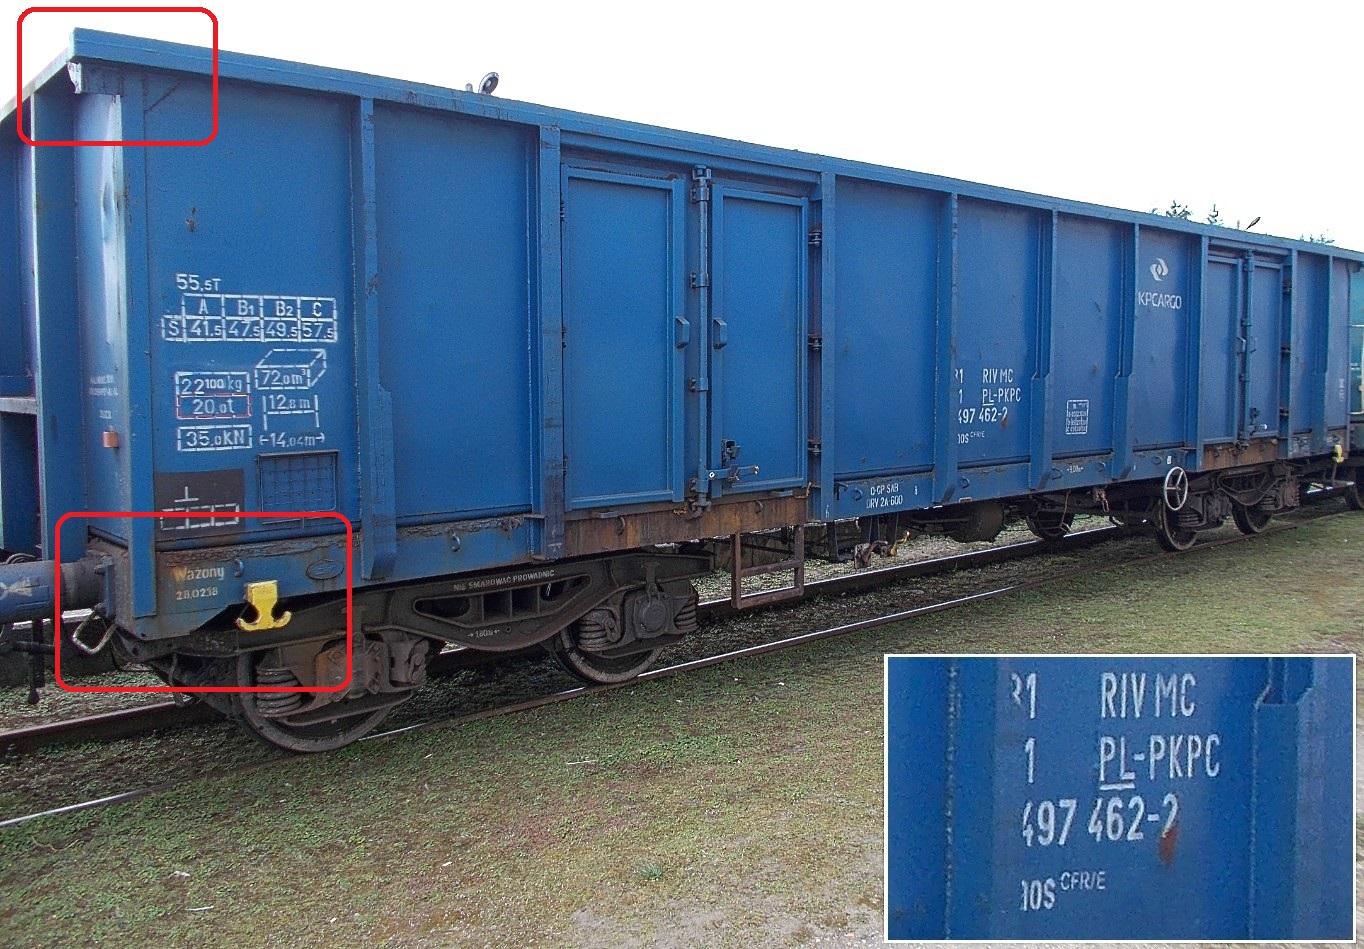 Stacja Dobre Miasto, węglarka typu CFR-E nr 31 51 5497 462-2 serii Eaos.jpg